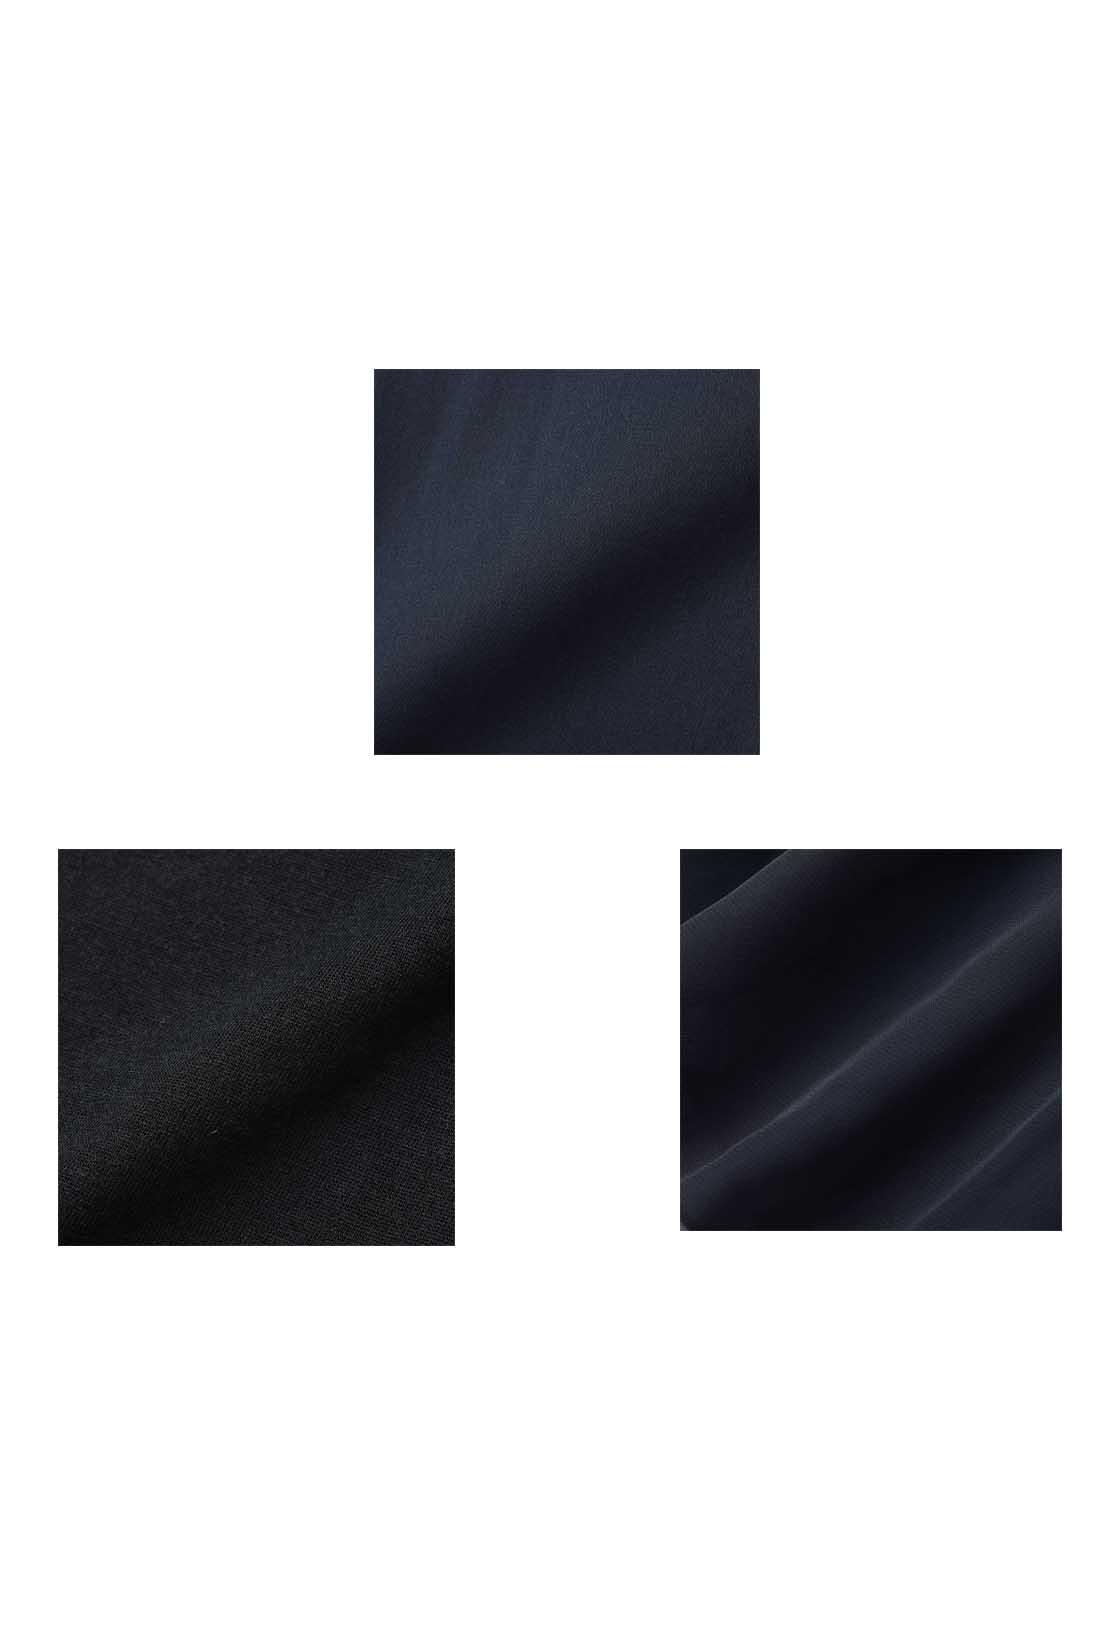 ブラウスは少し光沢があるベネシャン。タンクトップの身ごろは肌ざわりのよいカットソー。すそはふんわり透けるシフォン素材で軽やか。